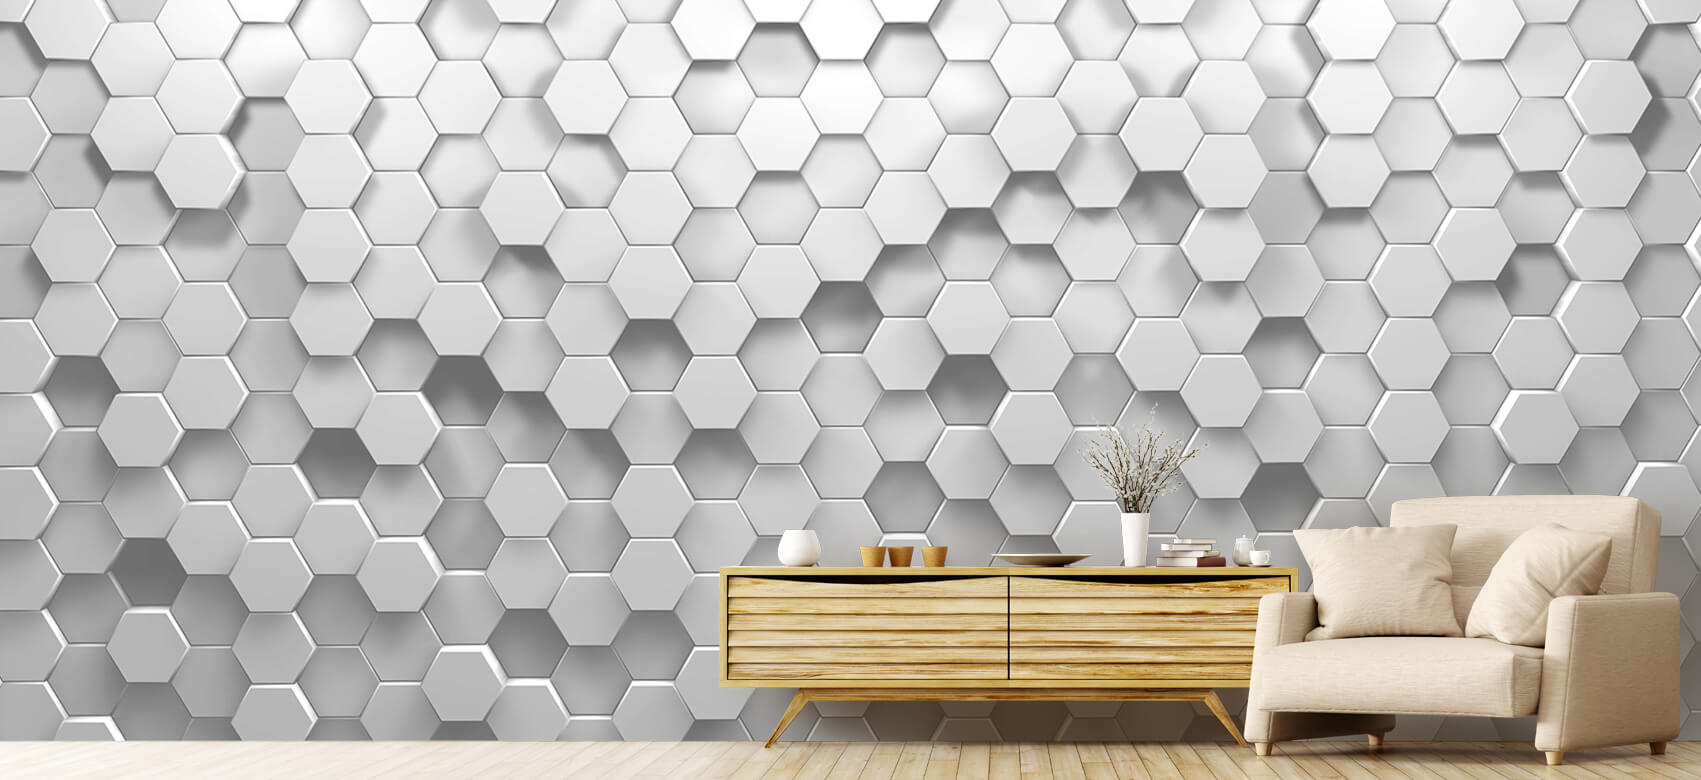 3D 3D Hexagons 1